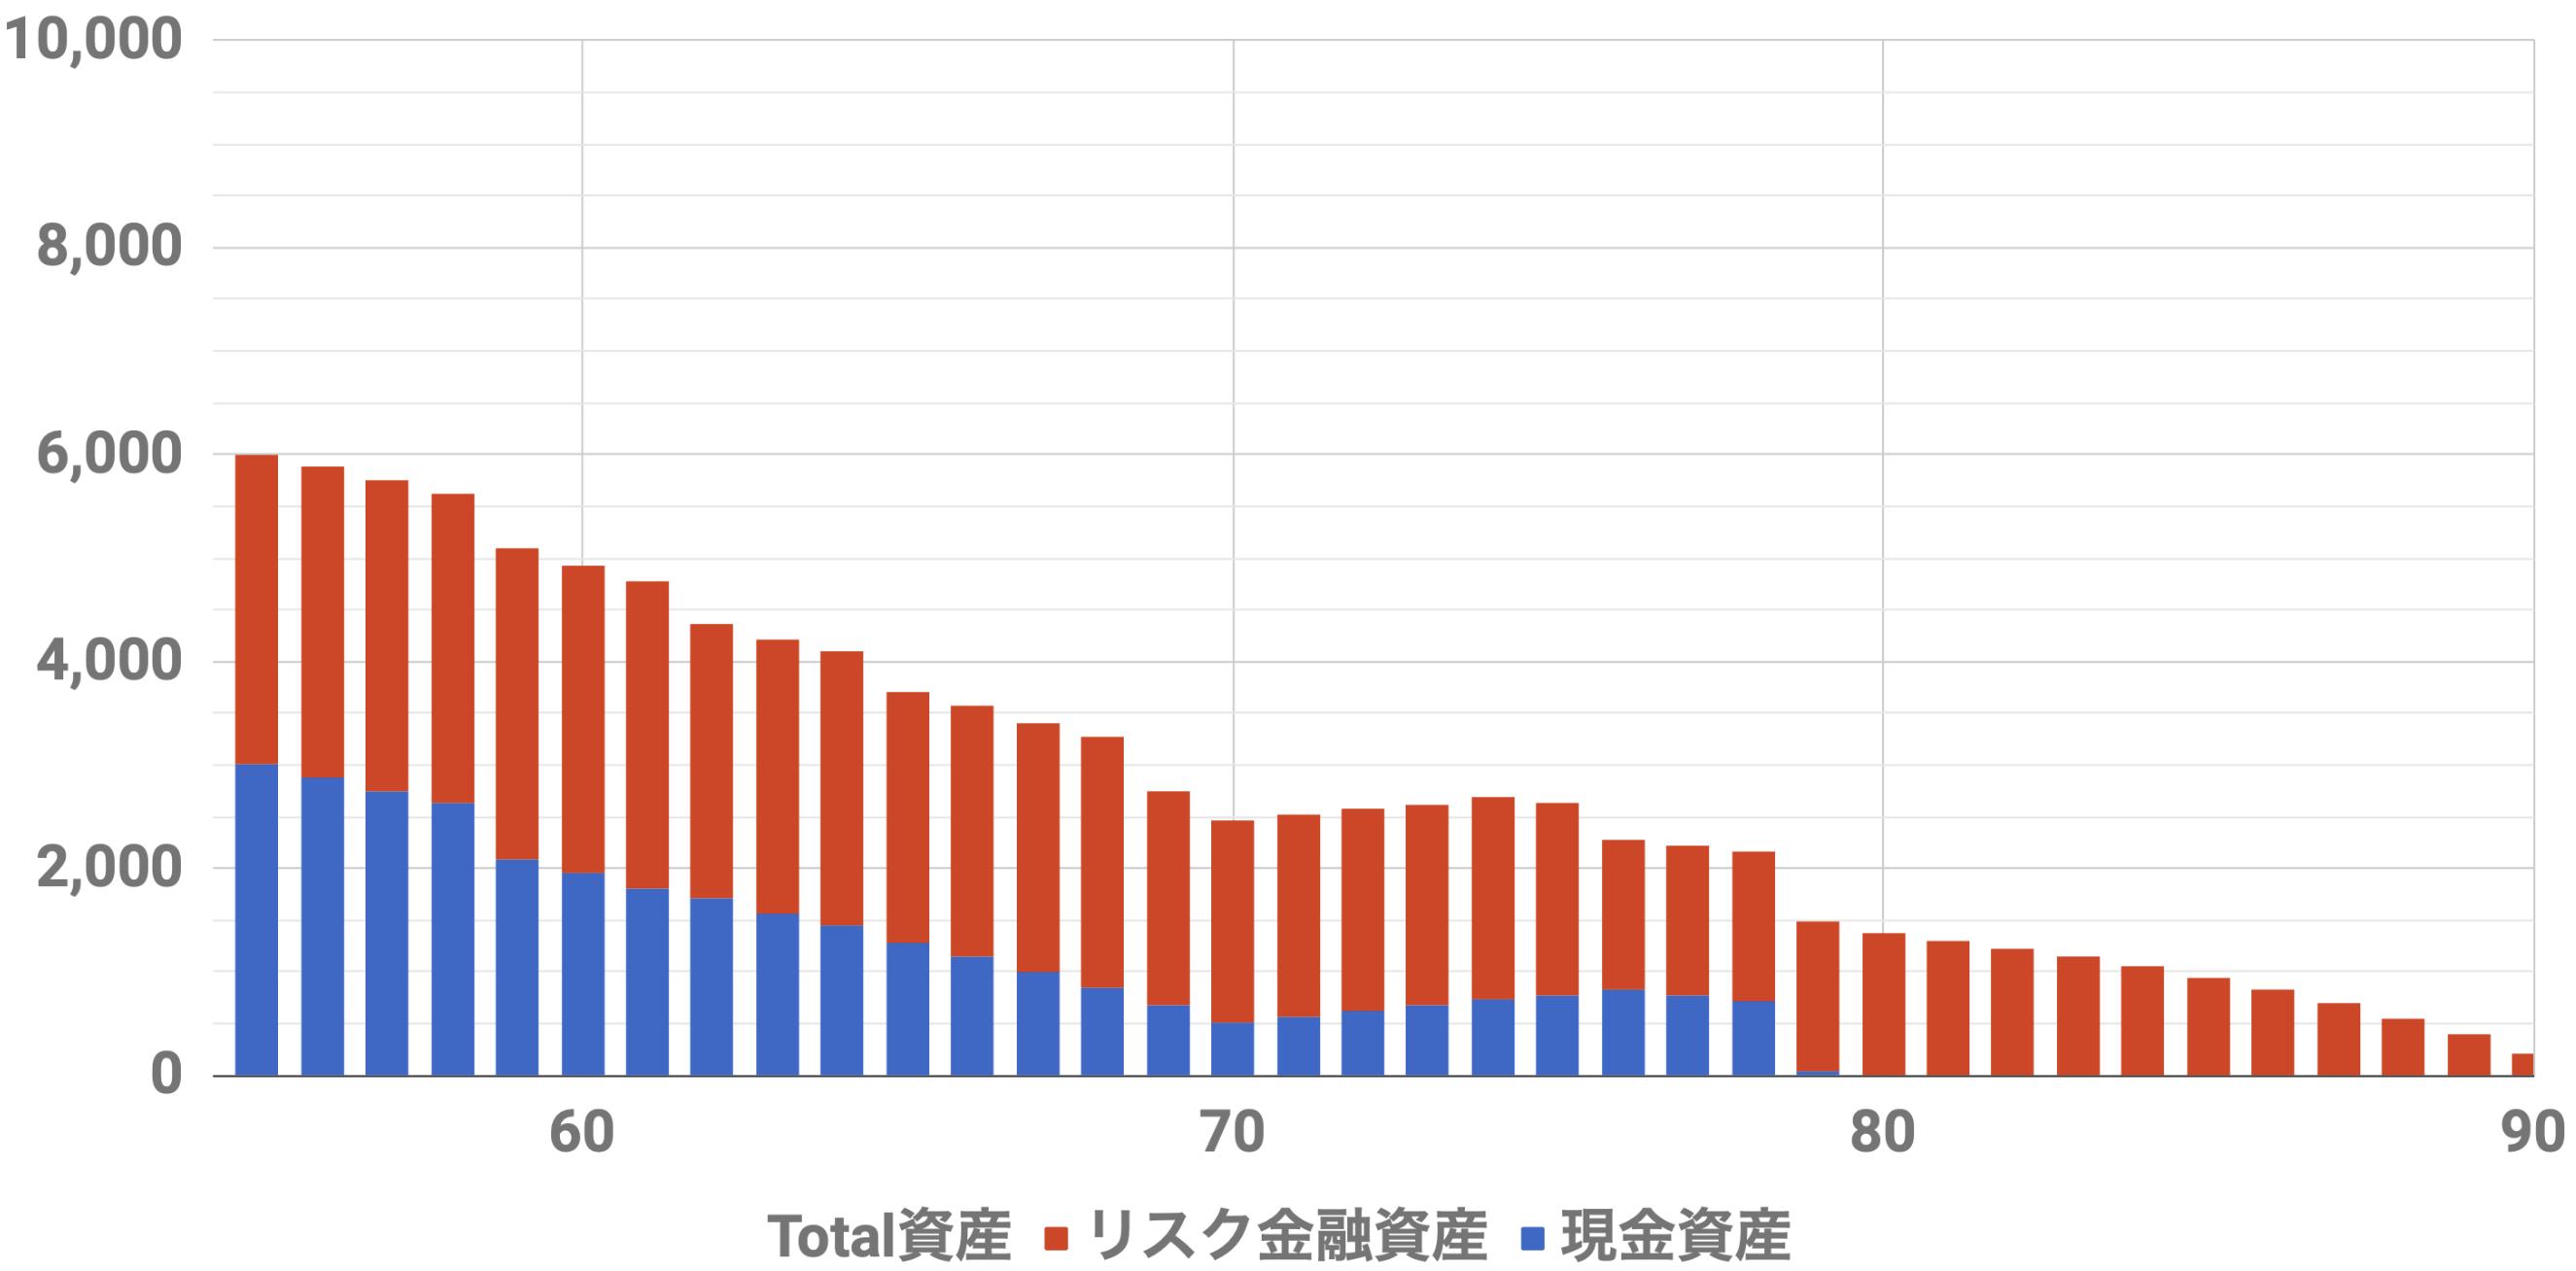 55歳6000万資産シミュレーション(Level4)インフレ率2%利率3.6%連続増配率3.0%